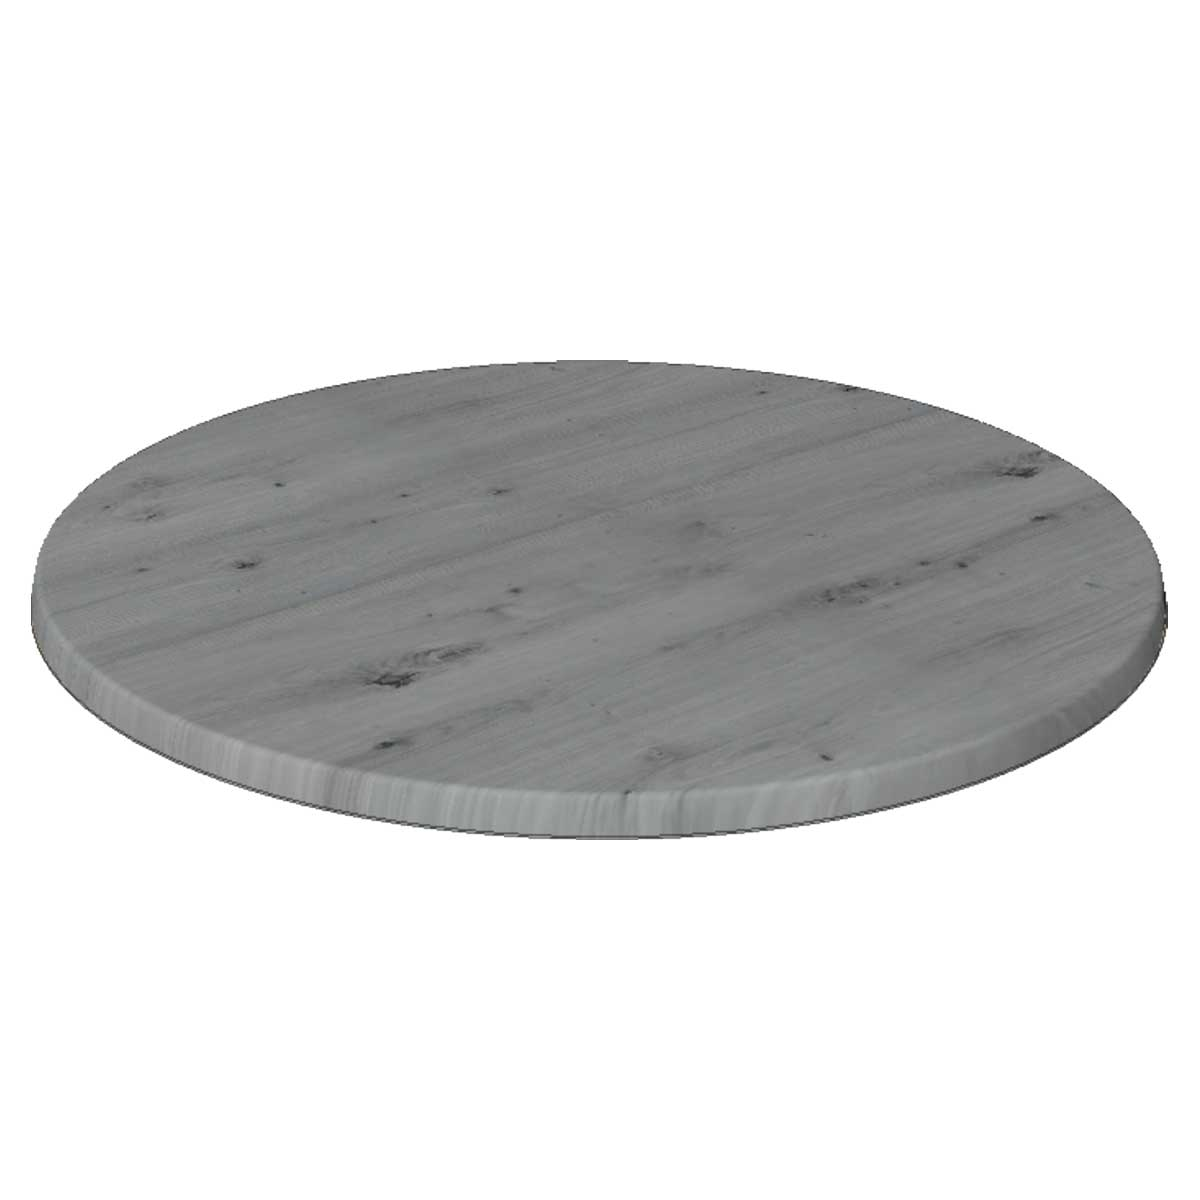 TICLA R70 219 - https://www.werzalit.com/en/product/table-top-classic-werzalit-r-oe70-219-alabama/